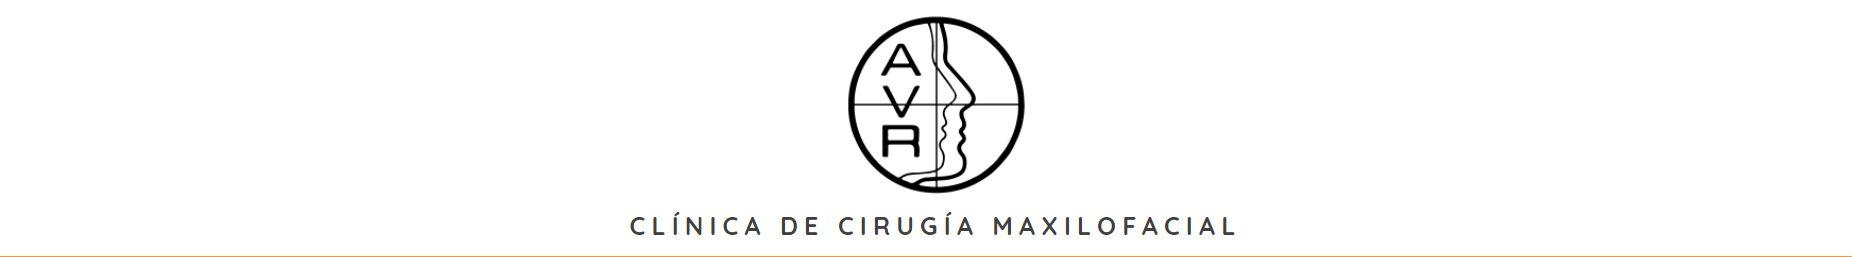 Cirujano maxilofacial Barcelona, AVR Clínica Maxilofacial